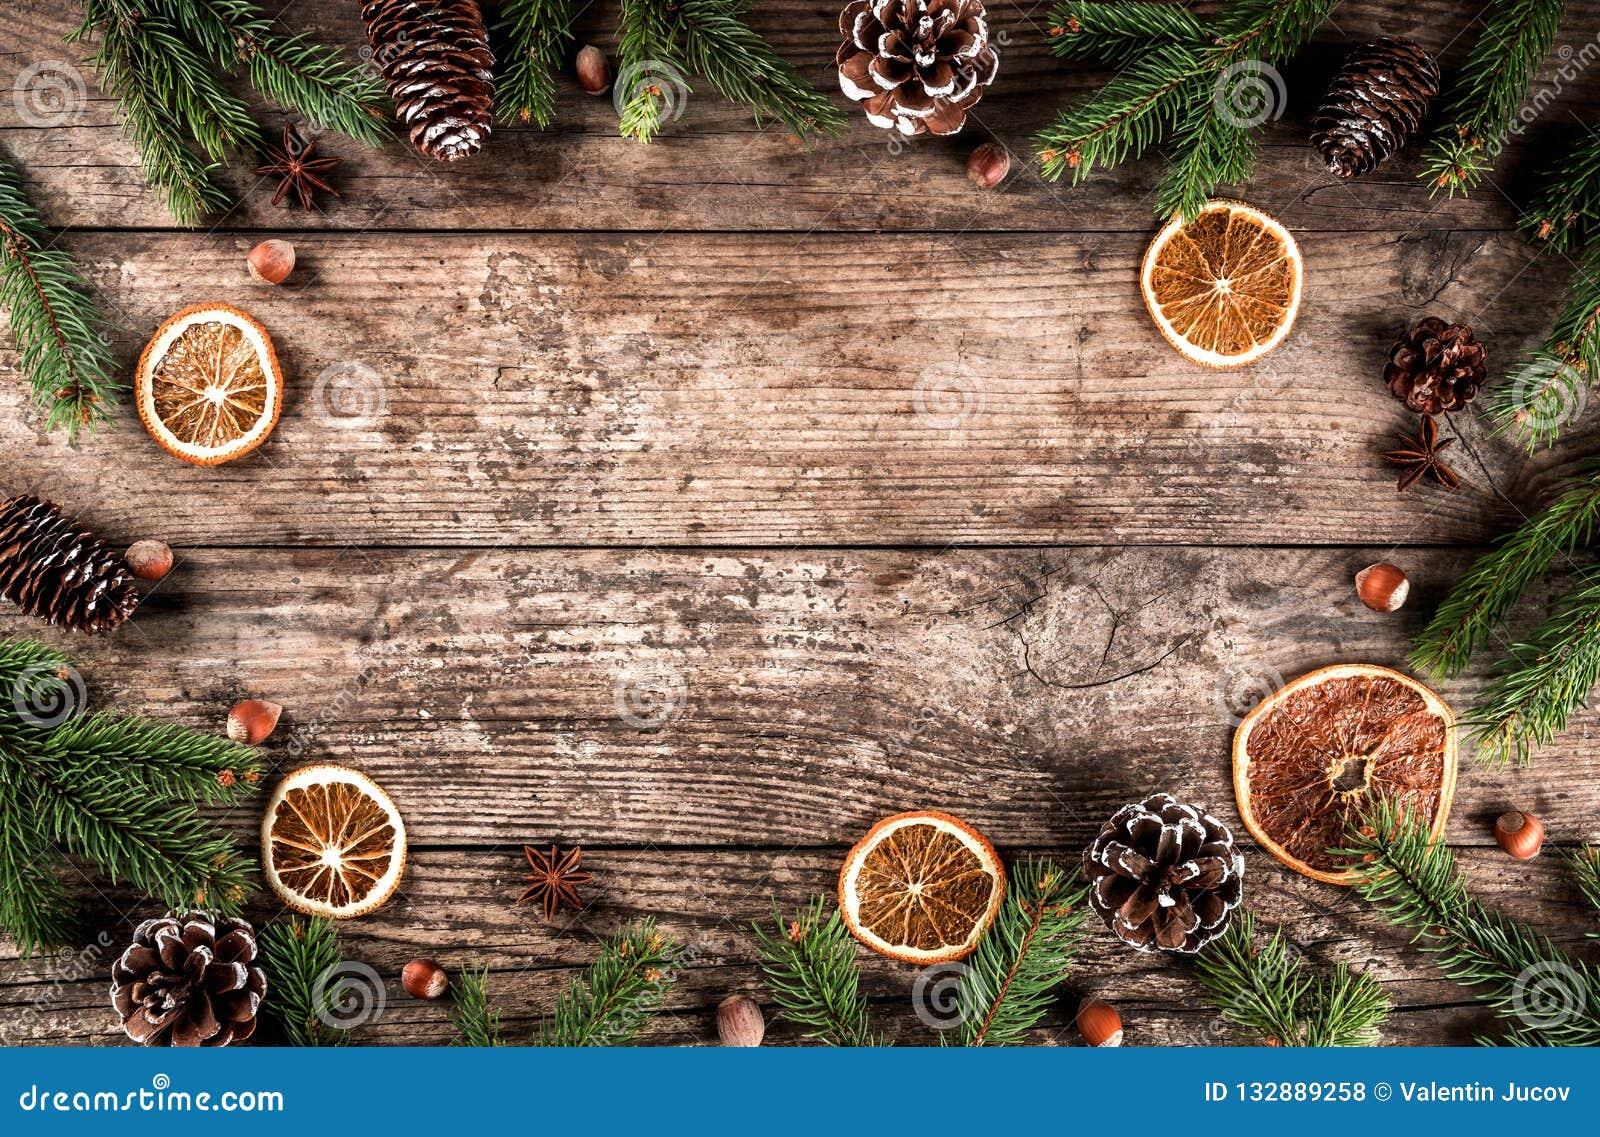 Το δημιουργικό πλαίσιο σχεδιαγράμματος φιαγμένο από έλατο Χριστουγέννων διακλαδίζεται, ερυθρελάτες, φέτες του πορτοκαλιού, κώνοι